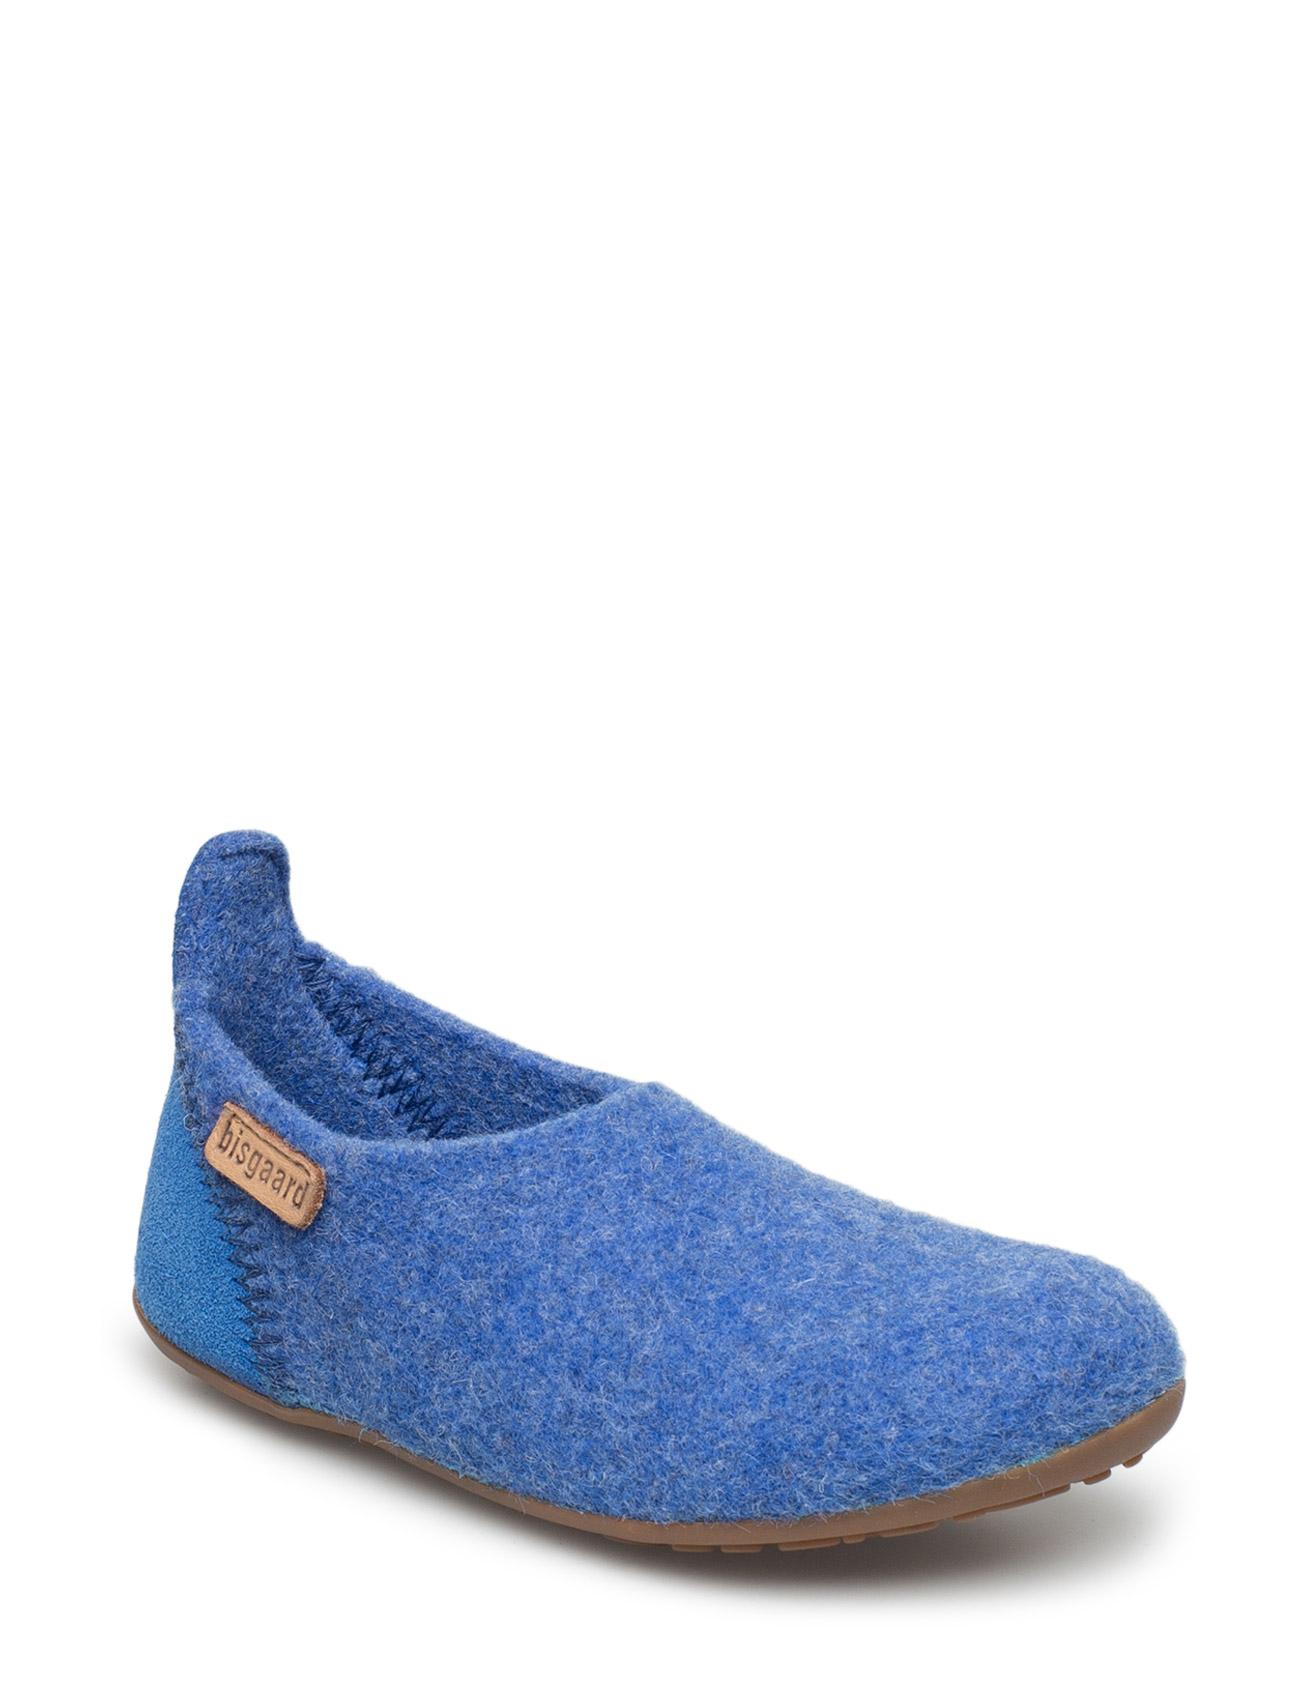 Home Shoe -  Wool Basic Bisgaard Hjemmesko til Børn i